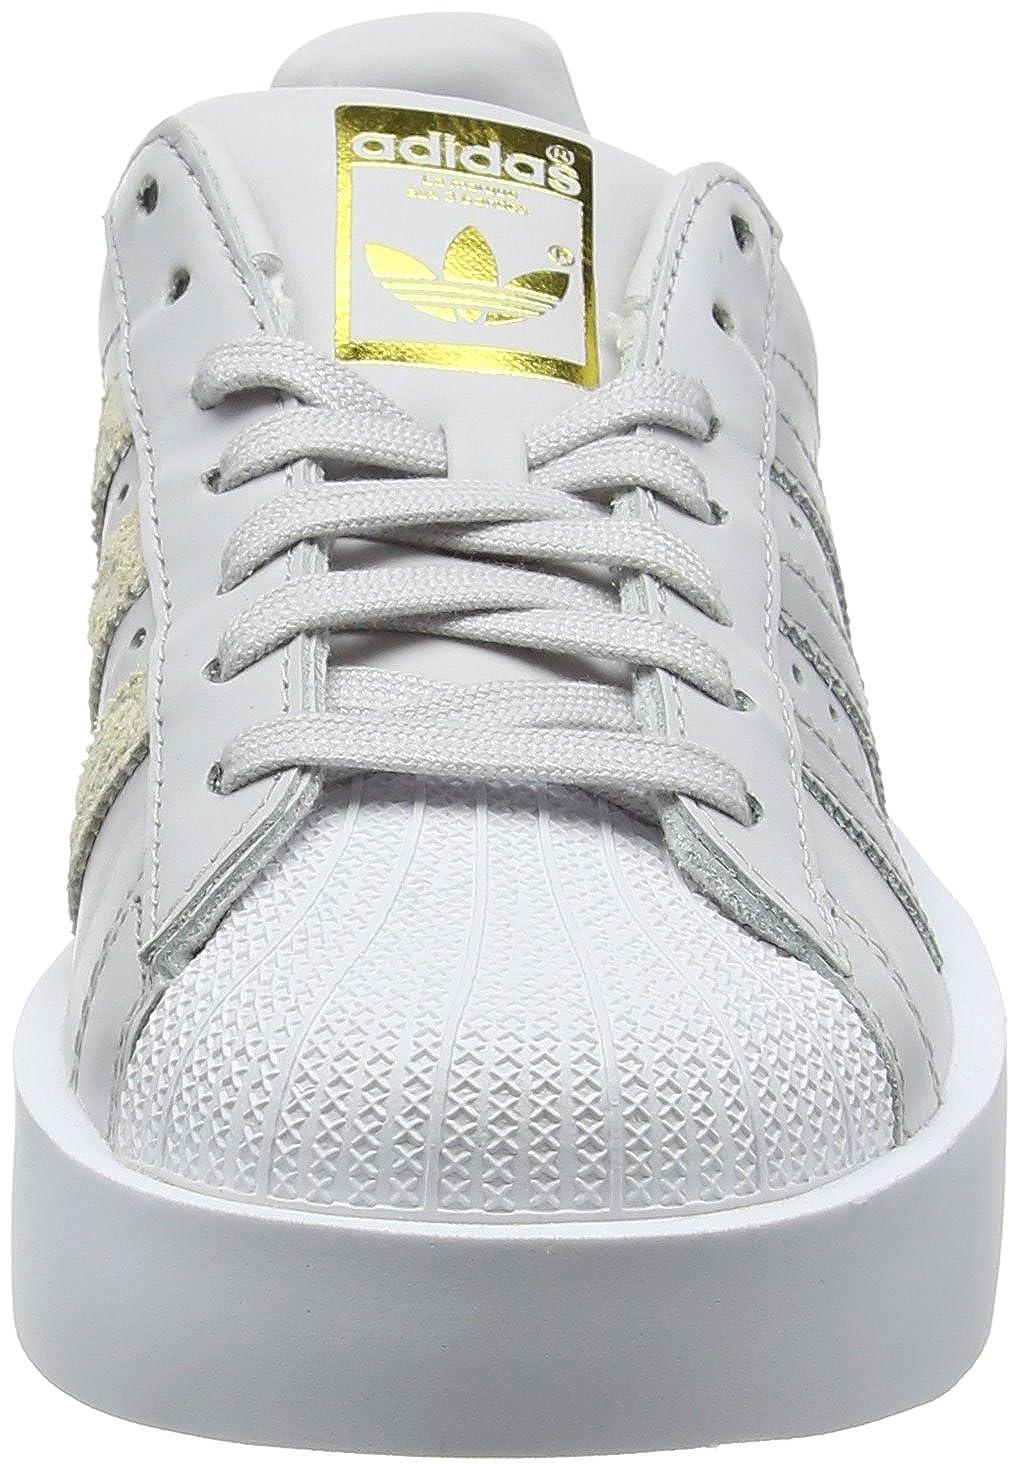 timeless design 1fbe8 cbfb7 adidas Superstar Bold W, Scarpe da Fitness Donna Amazon.it Scarpe e borse